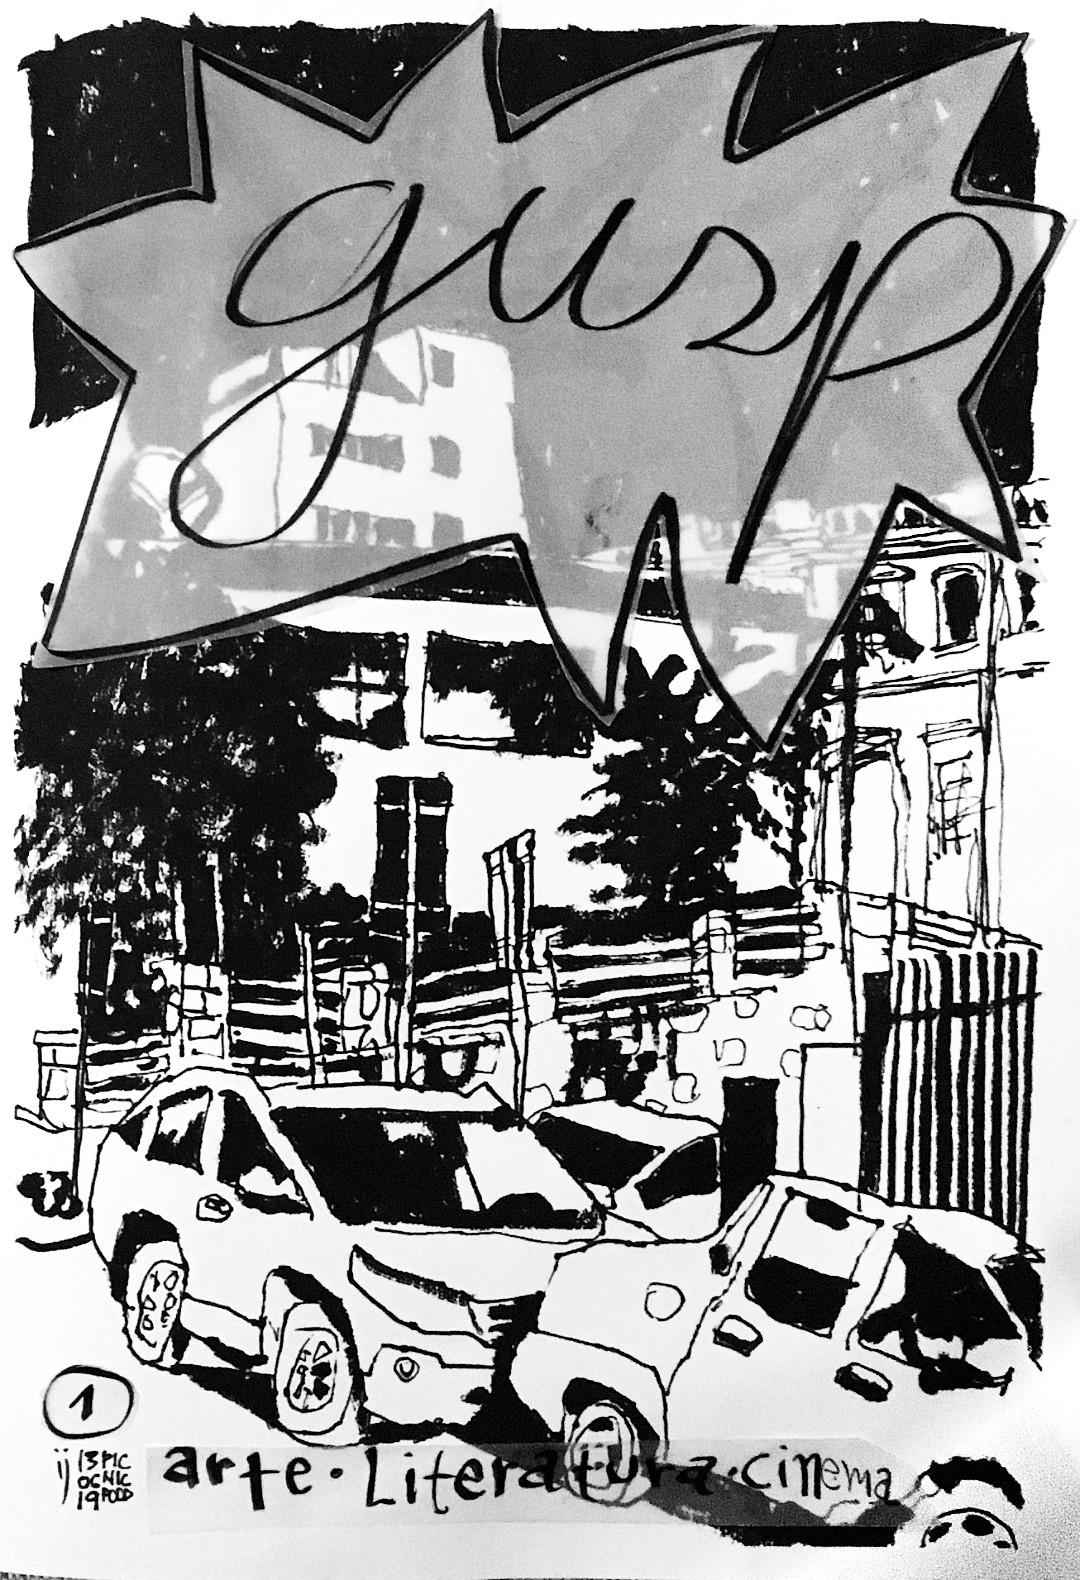 Capa do fanzine Gusp nº 1 mostra desenho a traço da esquina das ruas Victor Meirelles e Nunes Machado